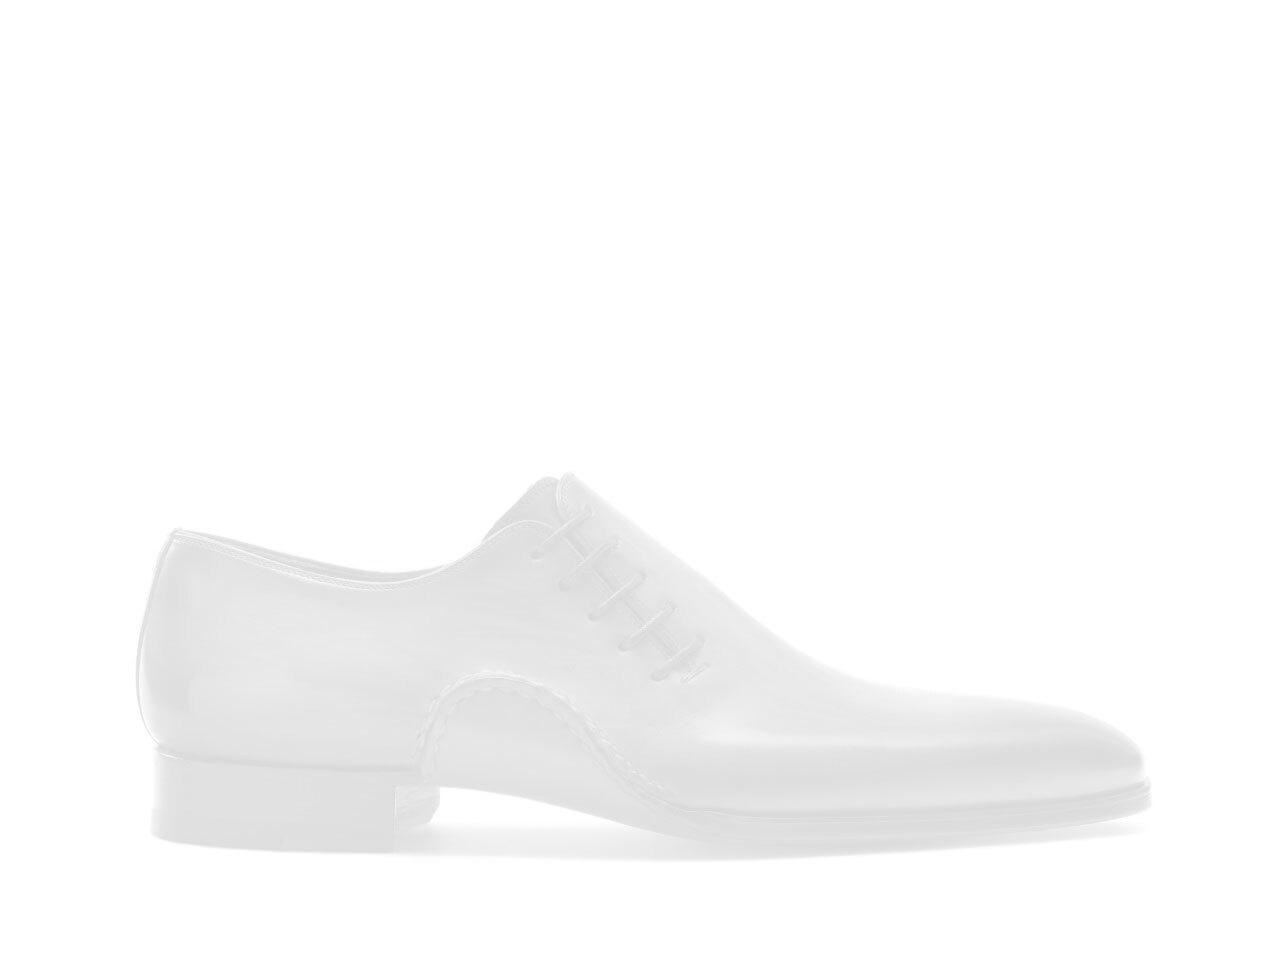 Cognac brown lace up wholecut shoes for men - Magnanni